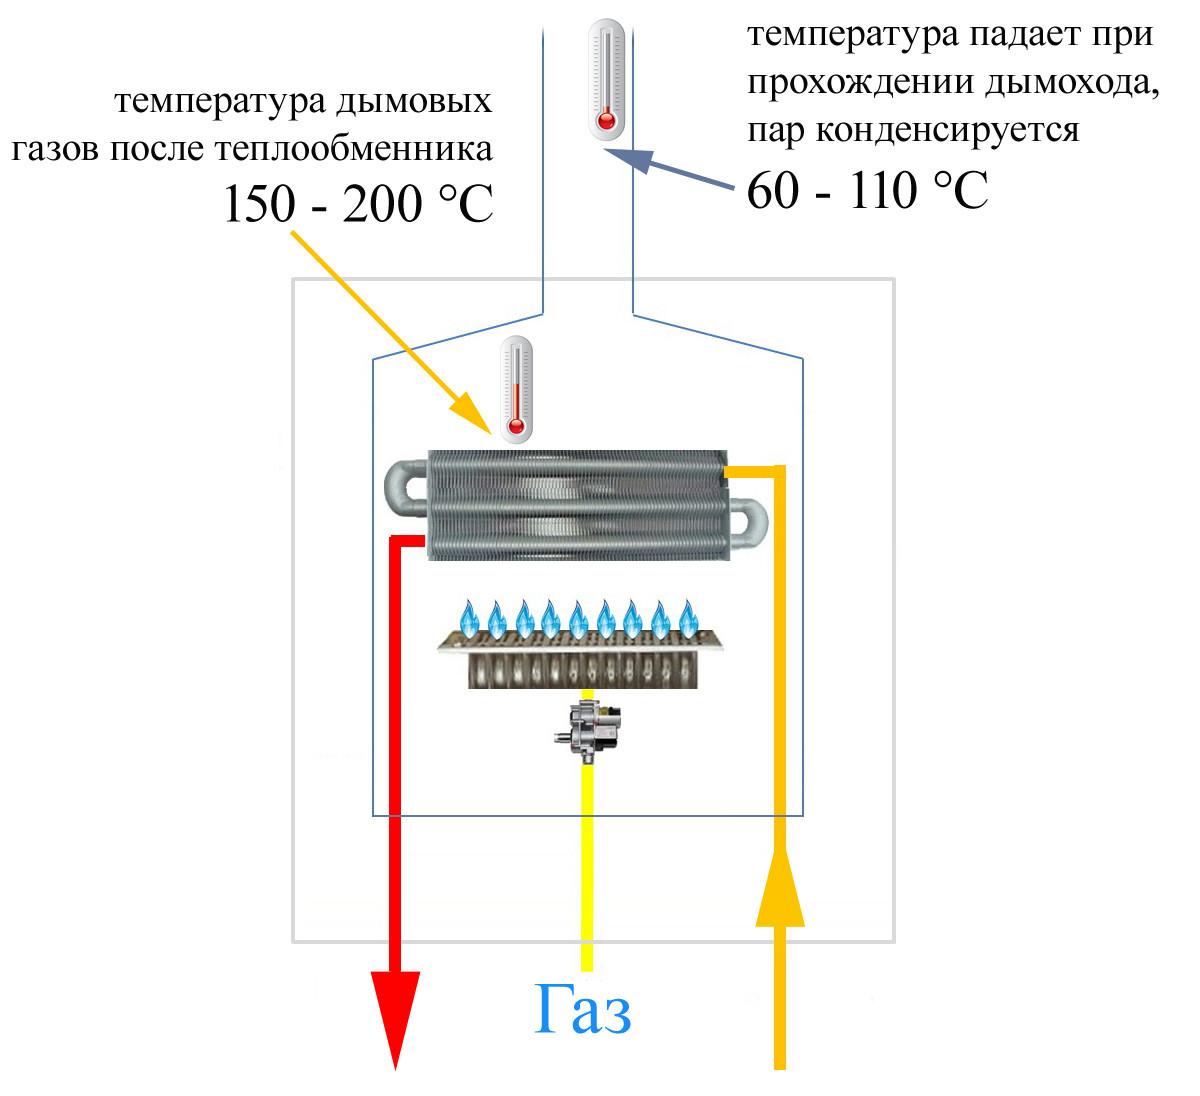 Схема котла и температура дымовых газов